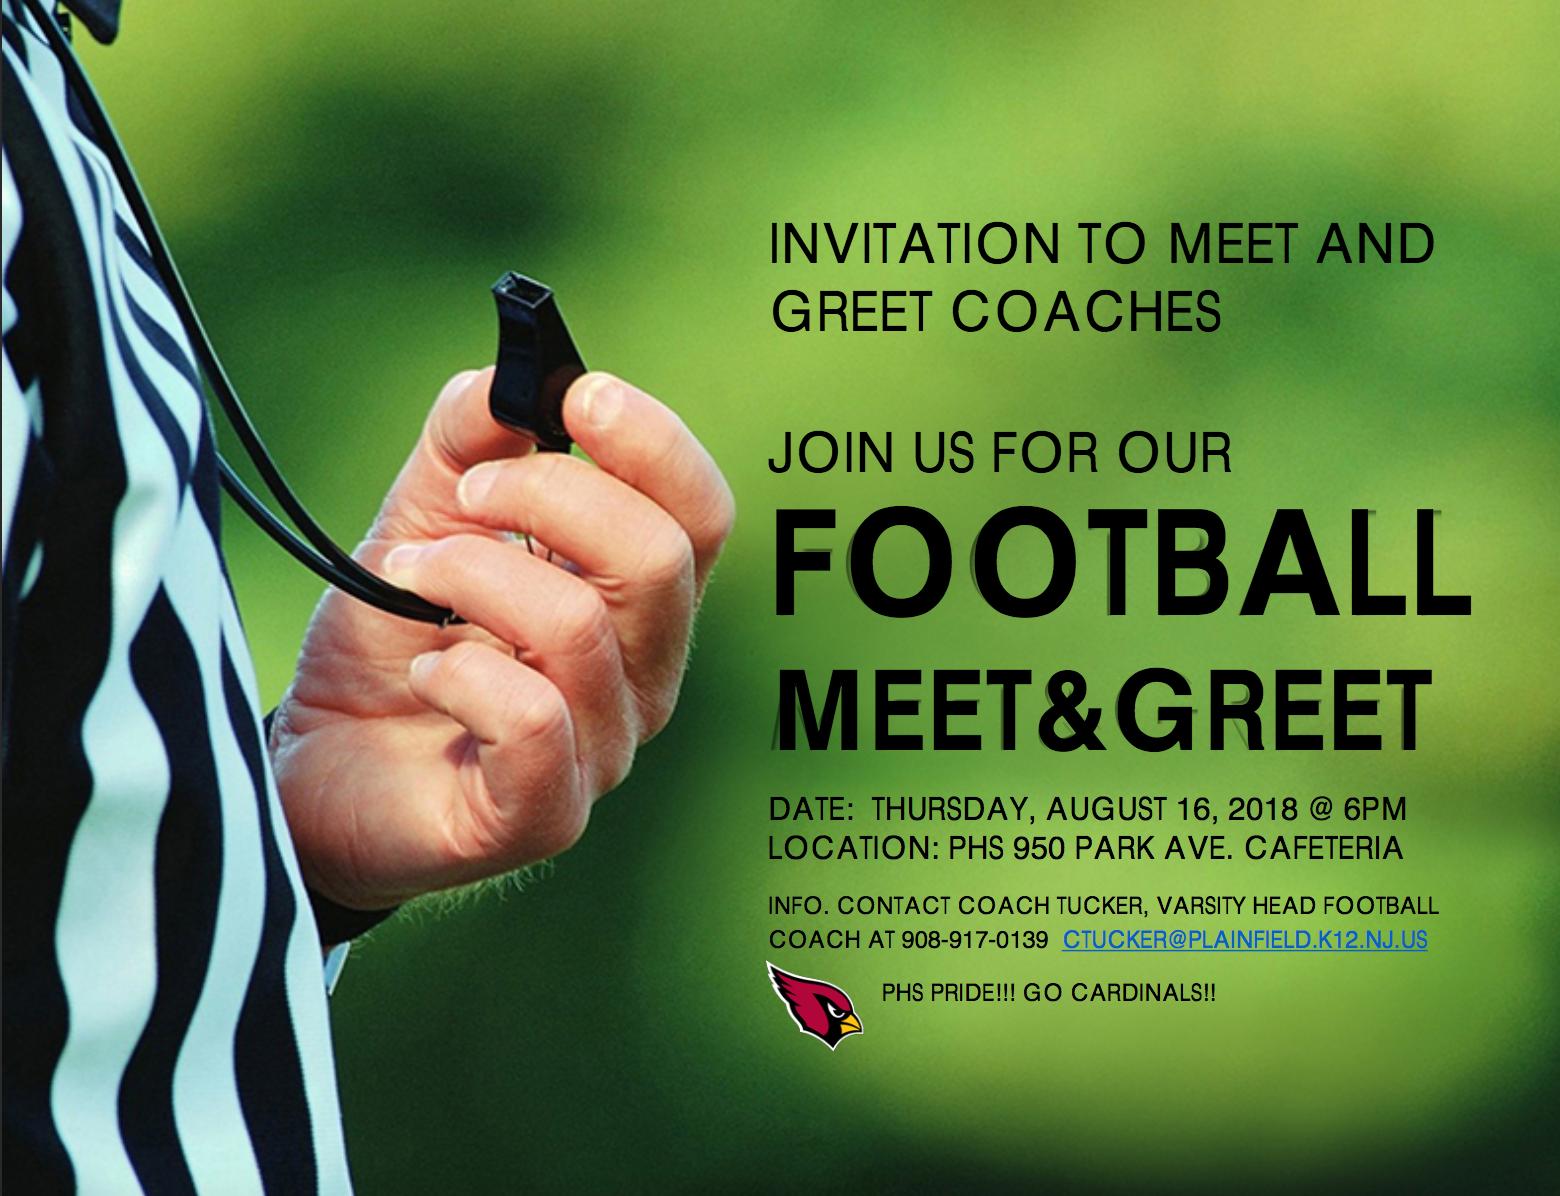 Invite to Meet & Greet Football Coaches - TAPinto